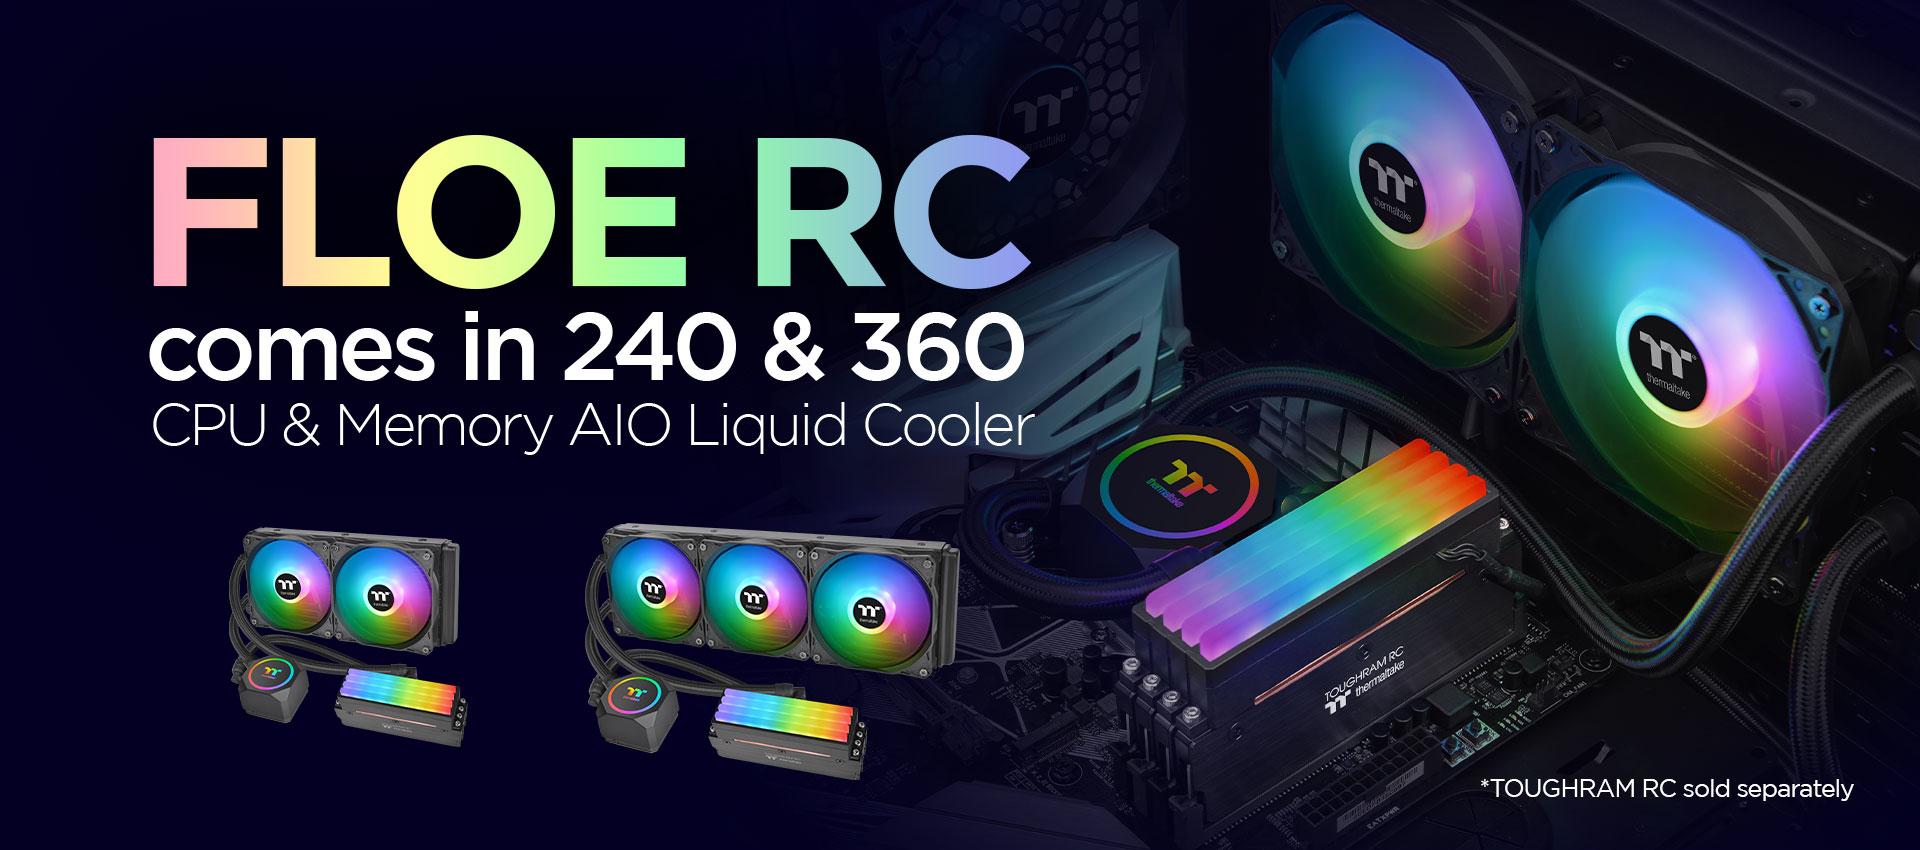 floe rc240 cpu memory